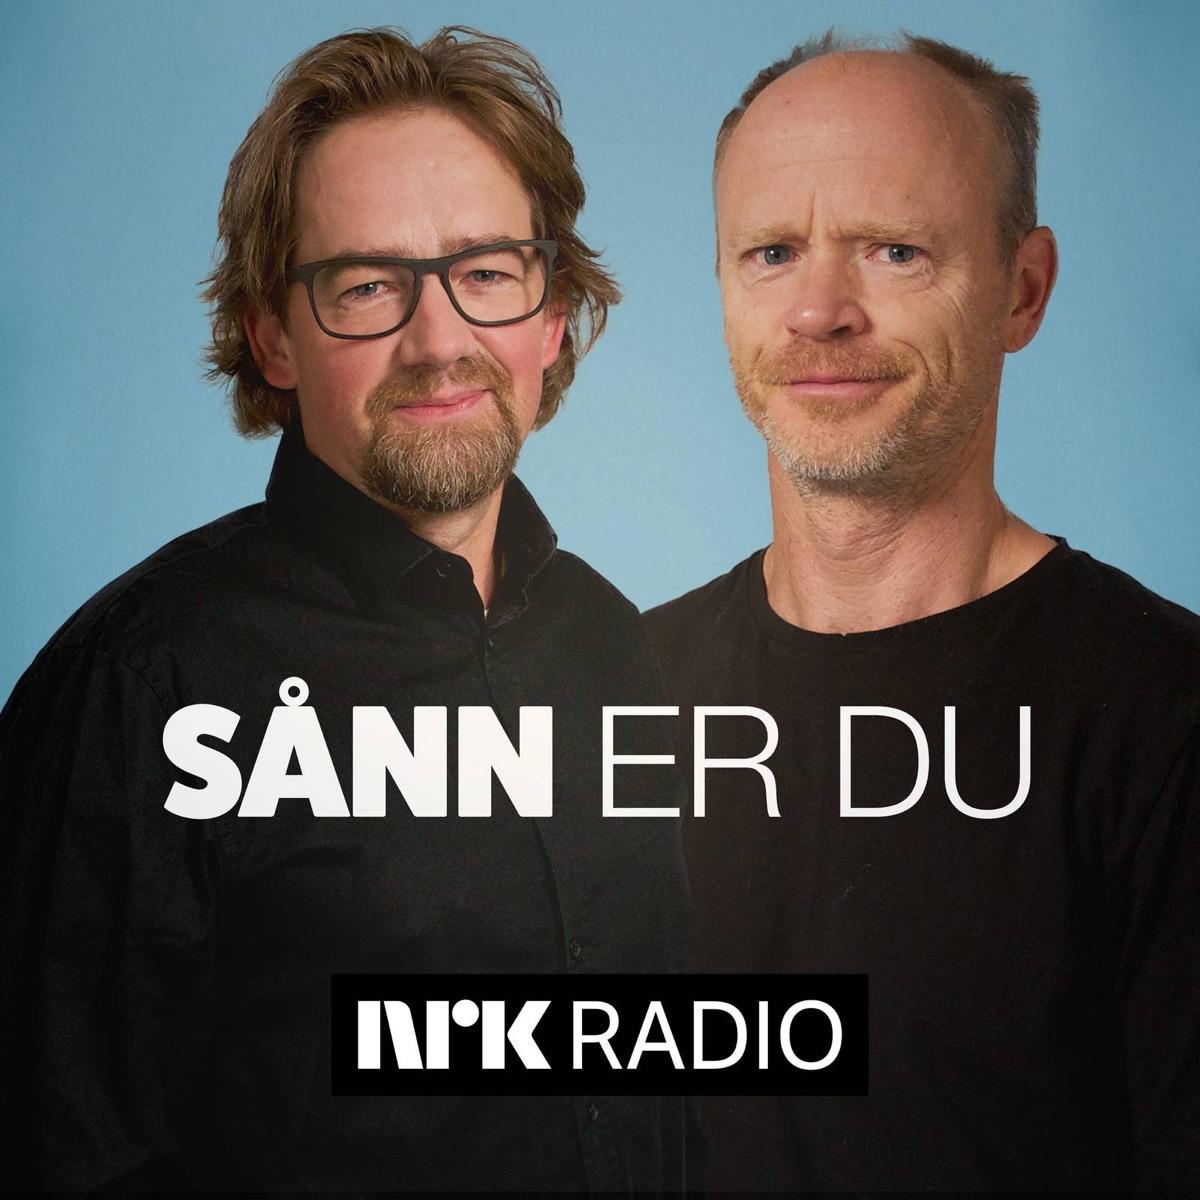 Sånn er du, Karl Ove Knausgård